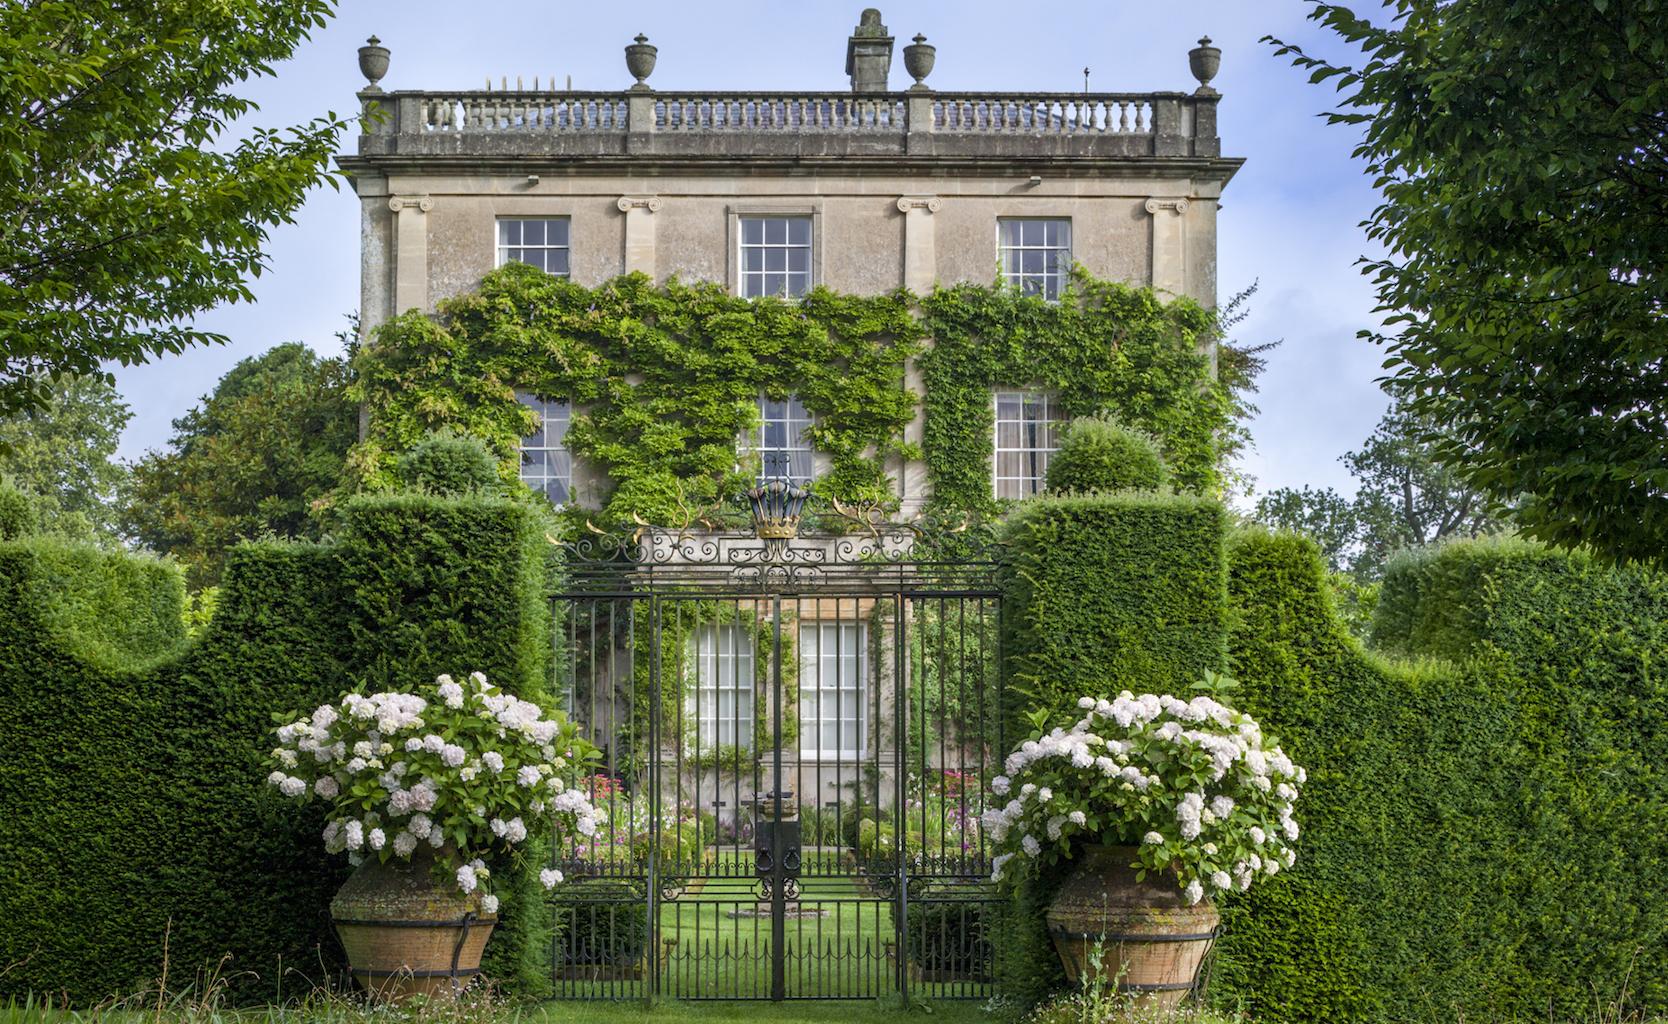 Highgrove Garden